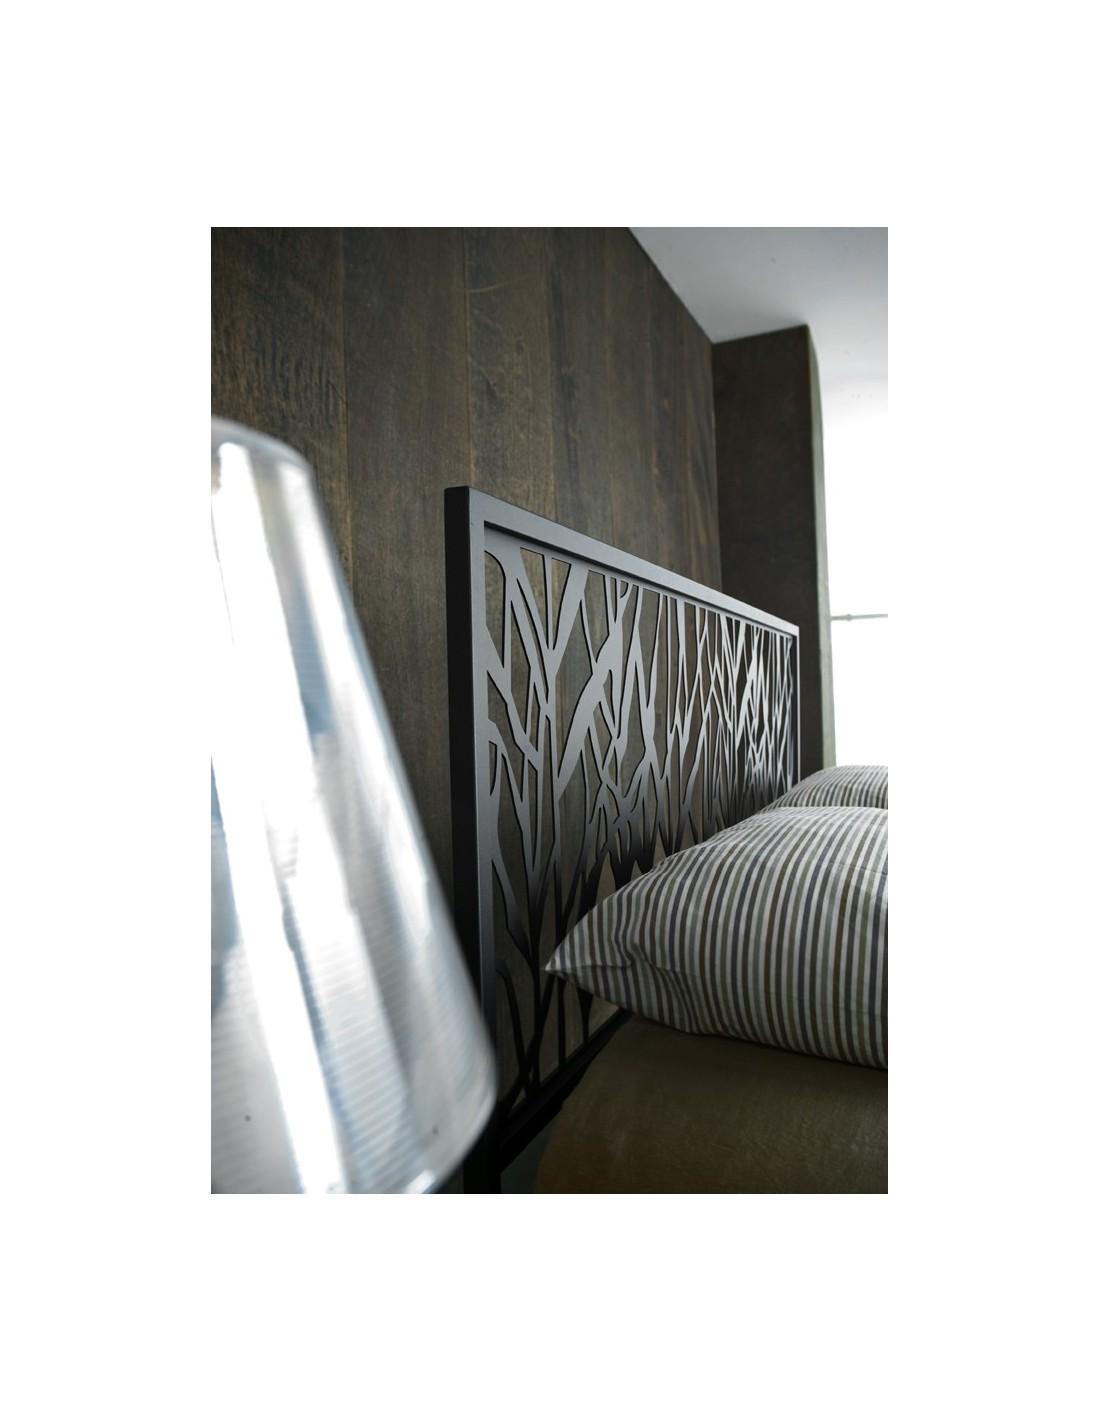 Cosatto green letto in ferro battuto prezzi in offerta colori anticati for Letto in ferro battuto prezzo